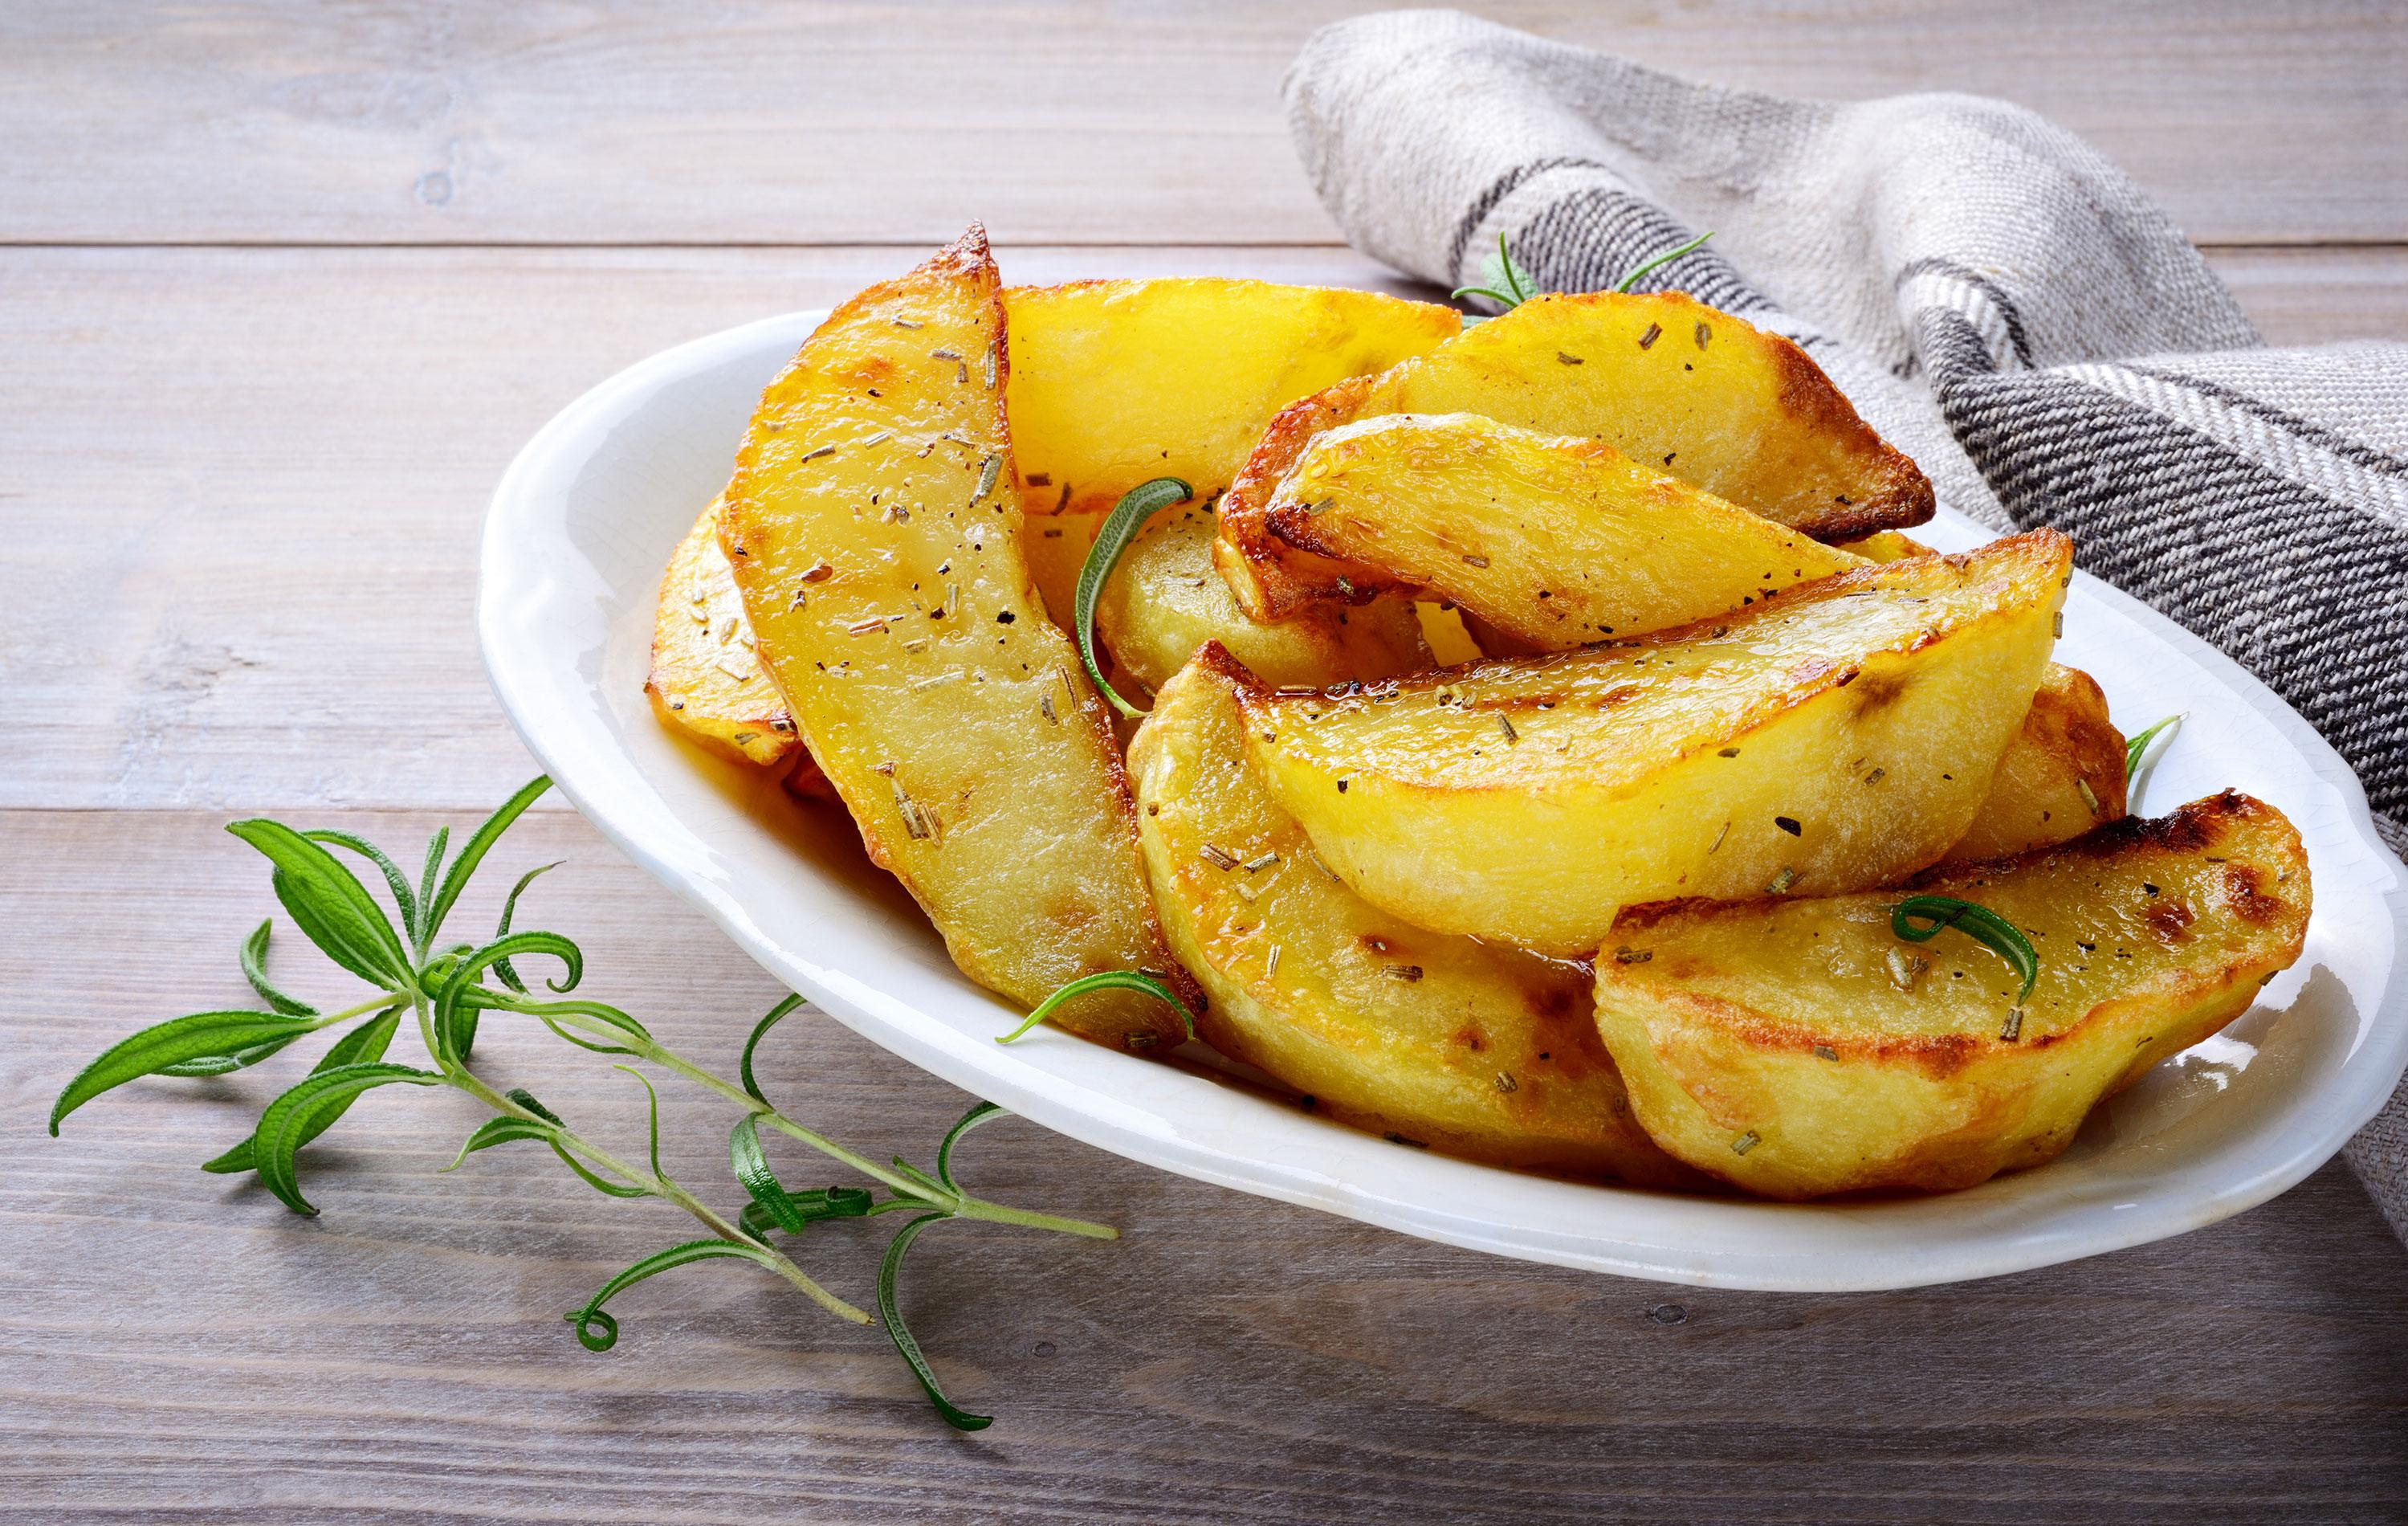 Sword-surgelati-preparare-le-patate-al-forno